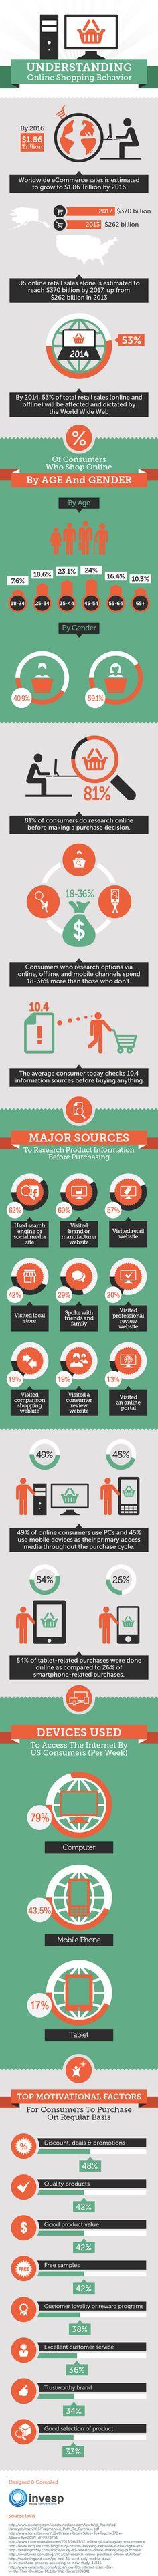 Online shopping behavior #infographic